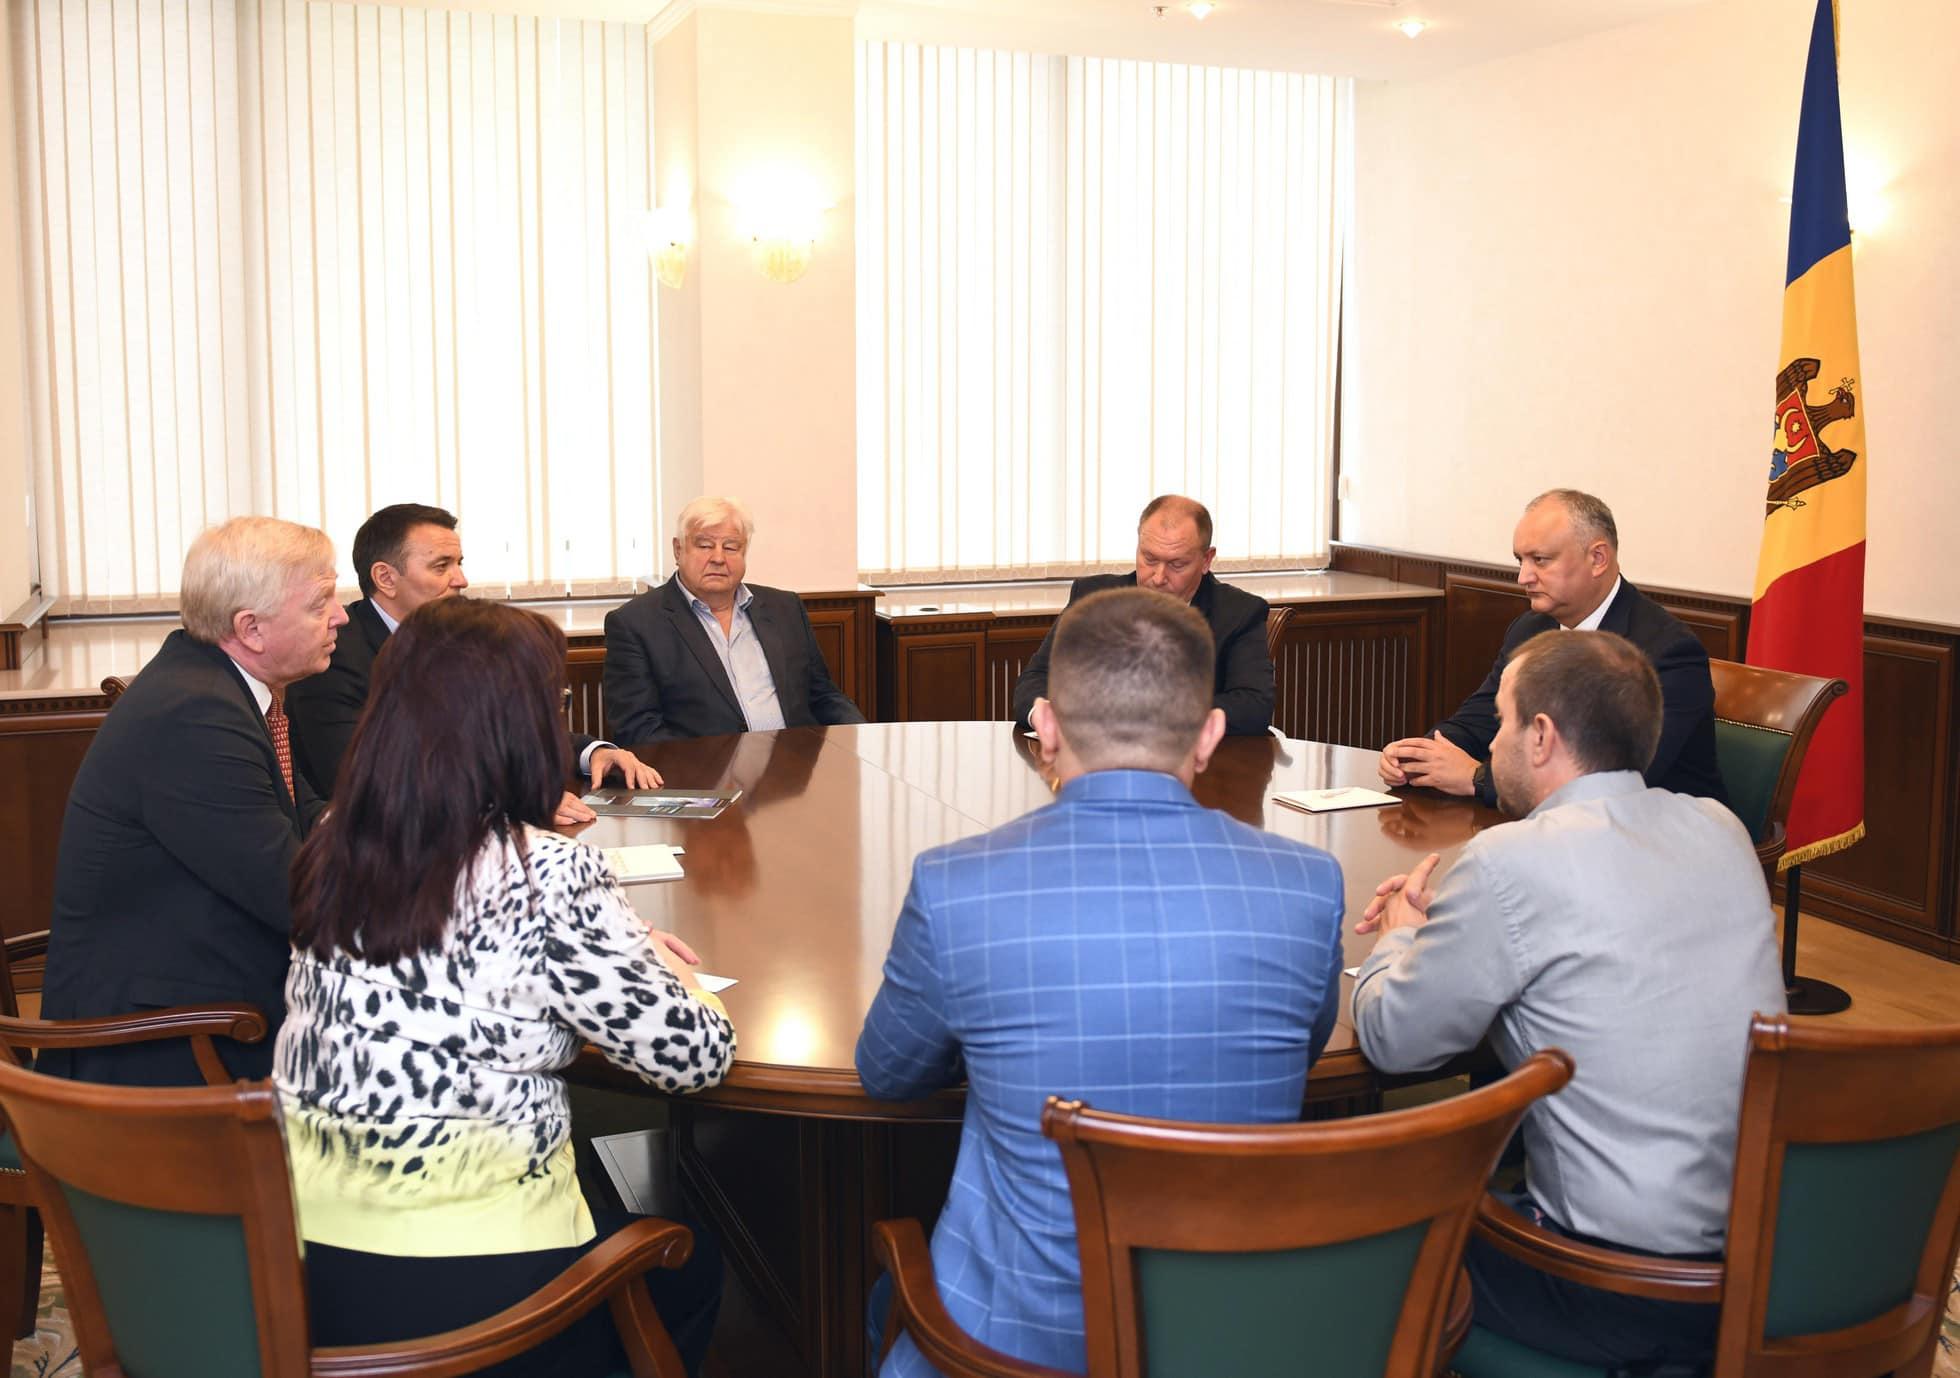 Молдавско-российский экономический форум: в Кишинев начали прибывать первые участники и гости (ФОТО, ВИДЕО)